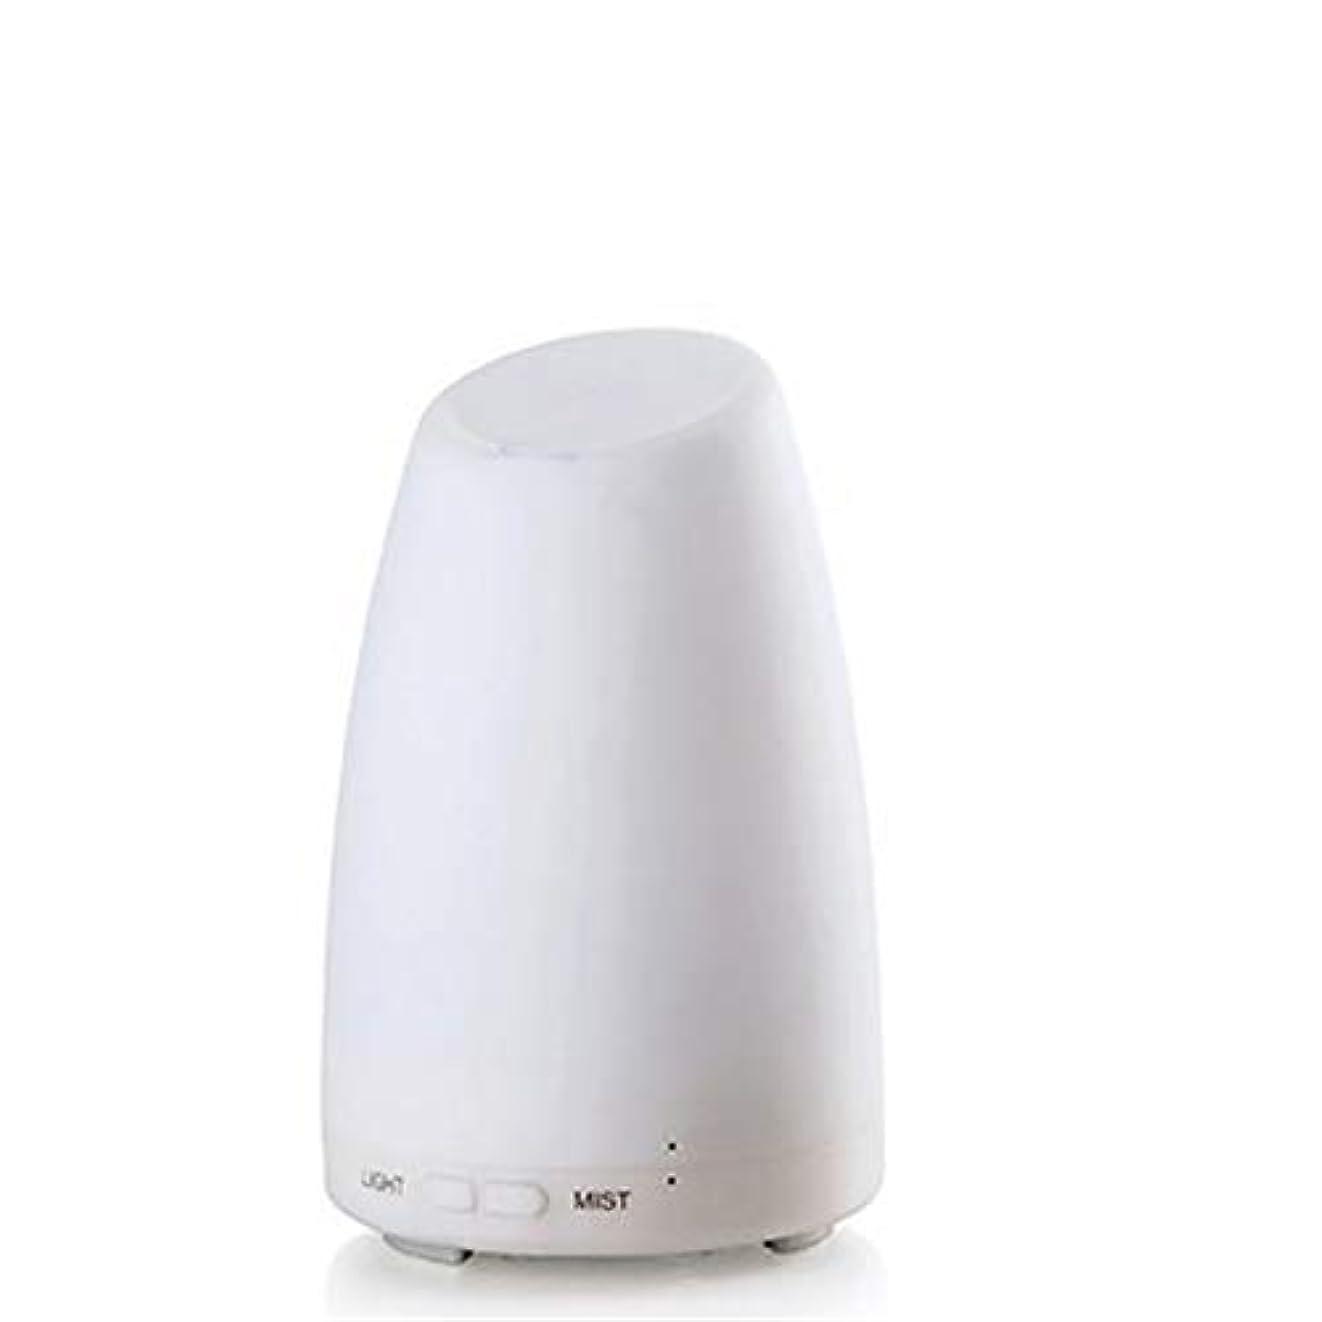 エッセンシャルオイルディフューザー、霧コントロール4h 使用、低水自動シャットダウン、7種類の LED ライト、家庭、オフィス、寝室、家族のベビールームとの超音波 100 ml アロマディフューザー